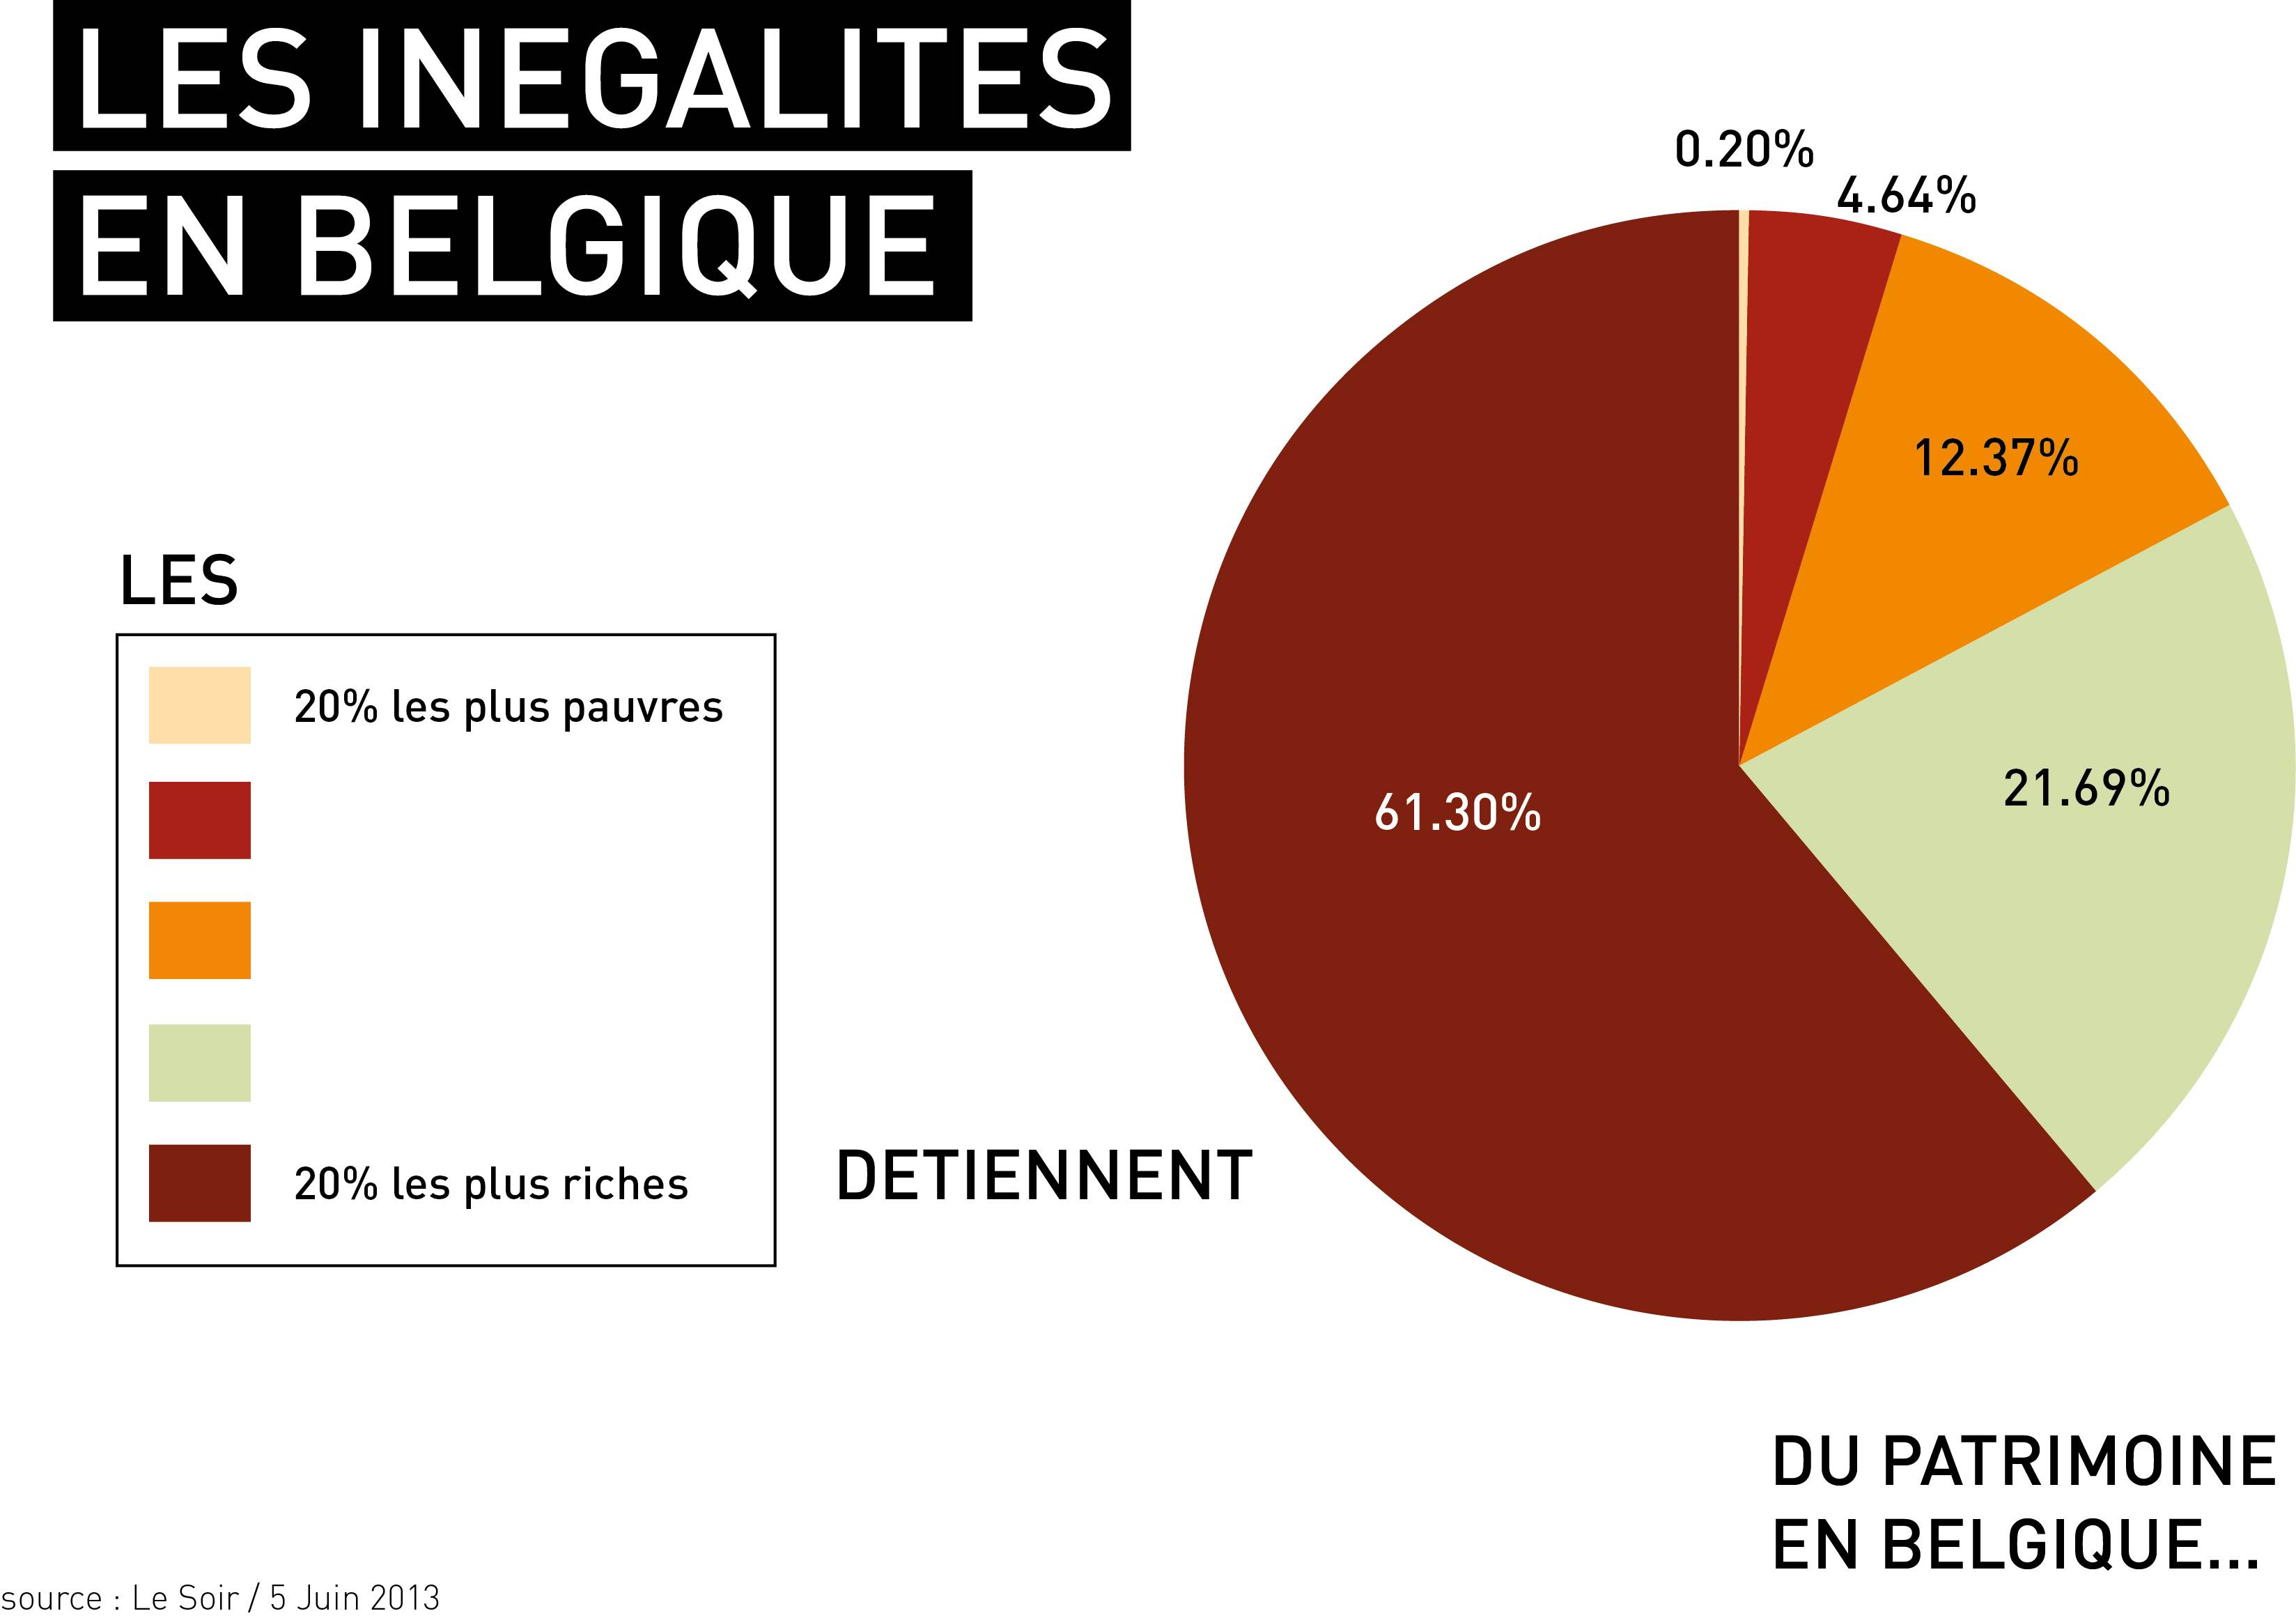 inegalites_en_belgique.jpg